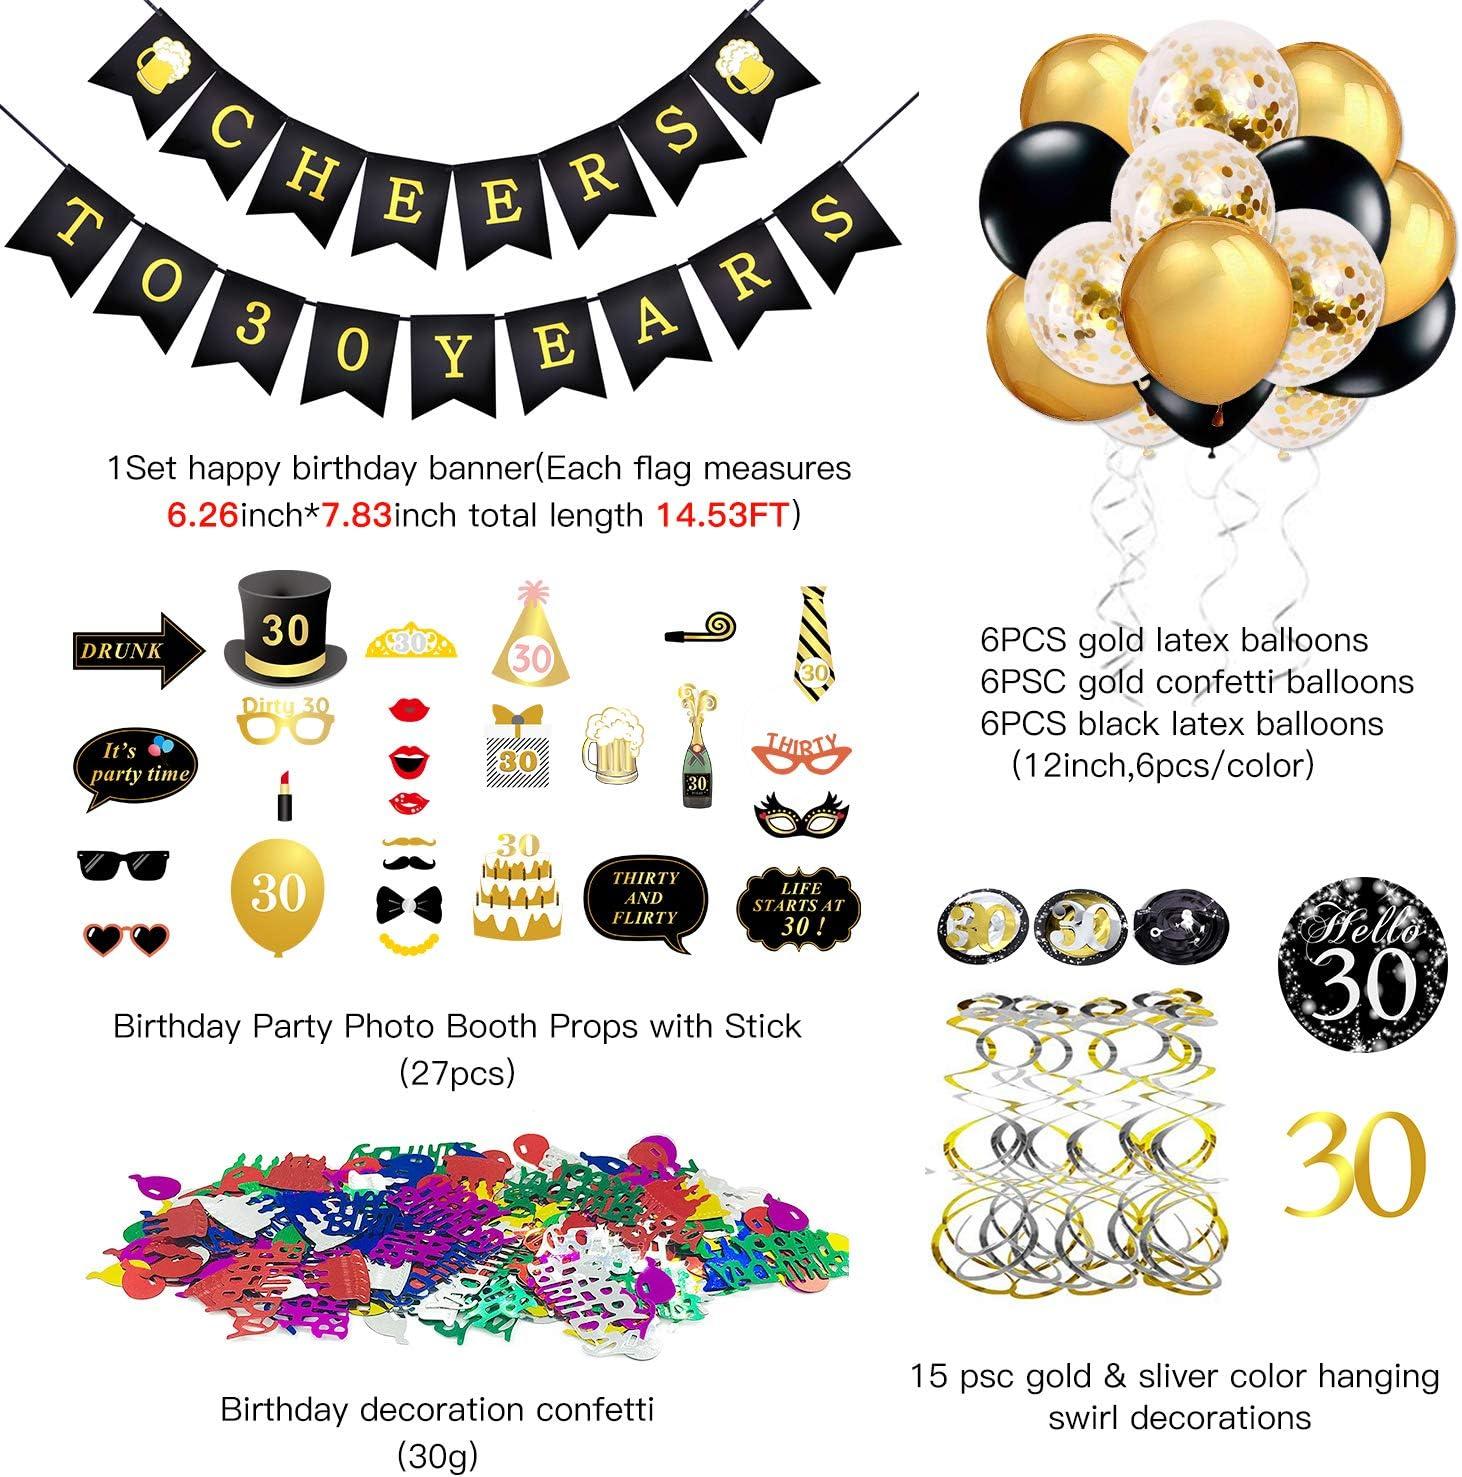 per la Decorazione della tavola di casa 30g 40 coriandoli di Buon Compleanno Qpout Decorazioni per Il 40 /° Compleanno in Oro Rosa per Donne e Ragazze 40 /° Compleanno turbinii sospesi 30 Pezzi